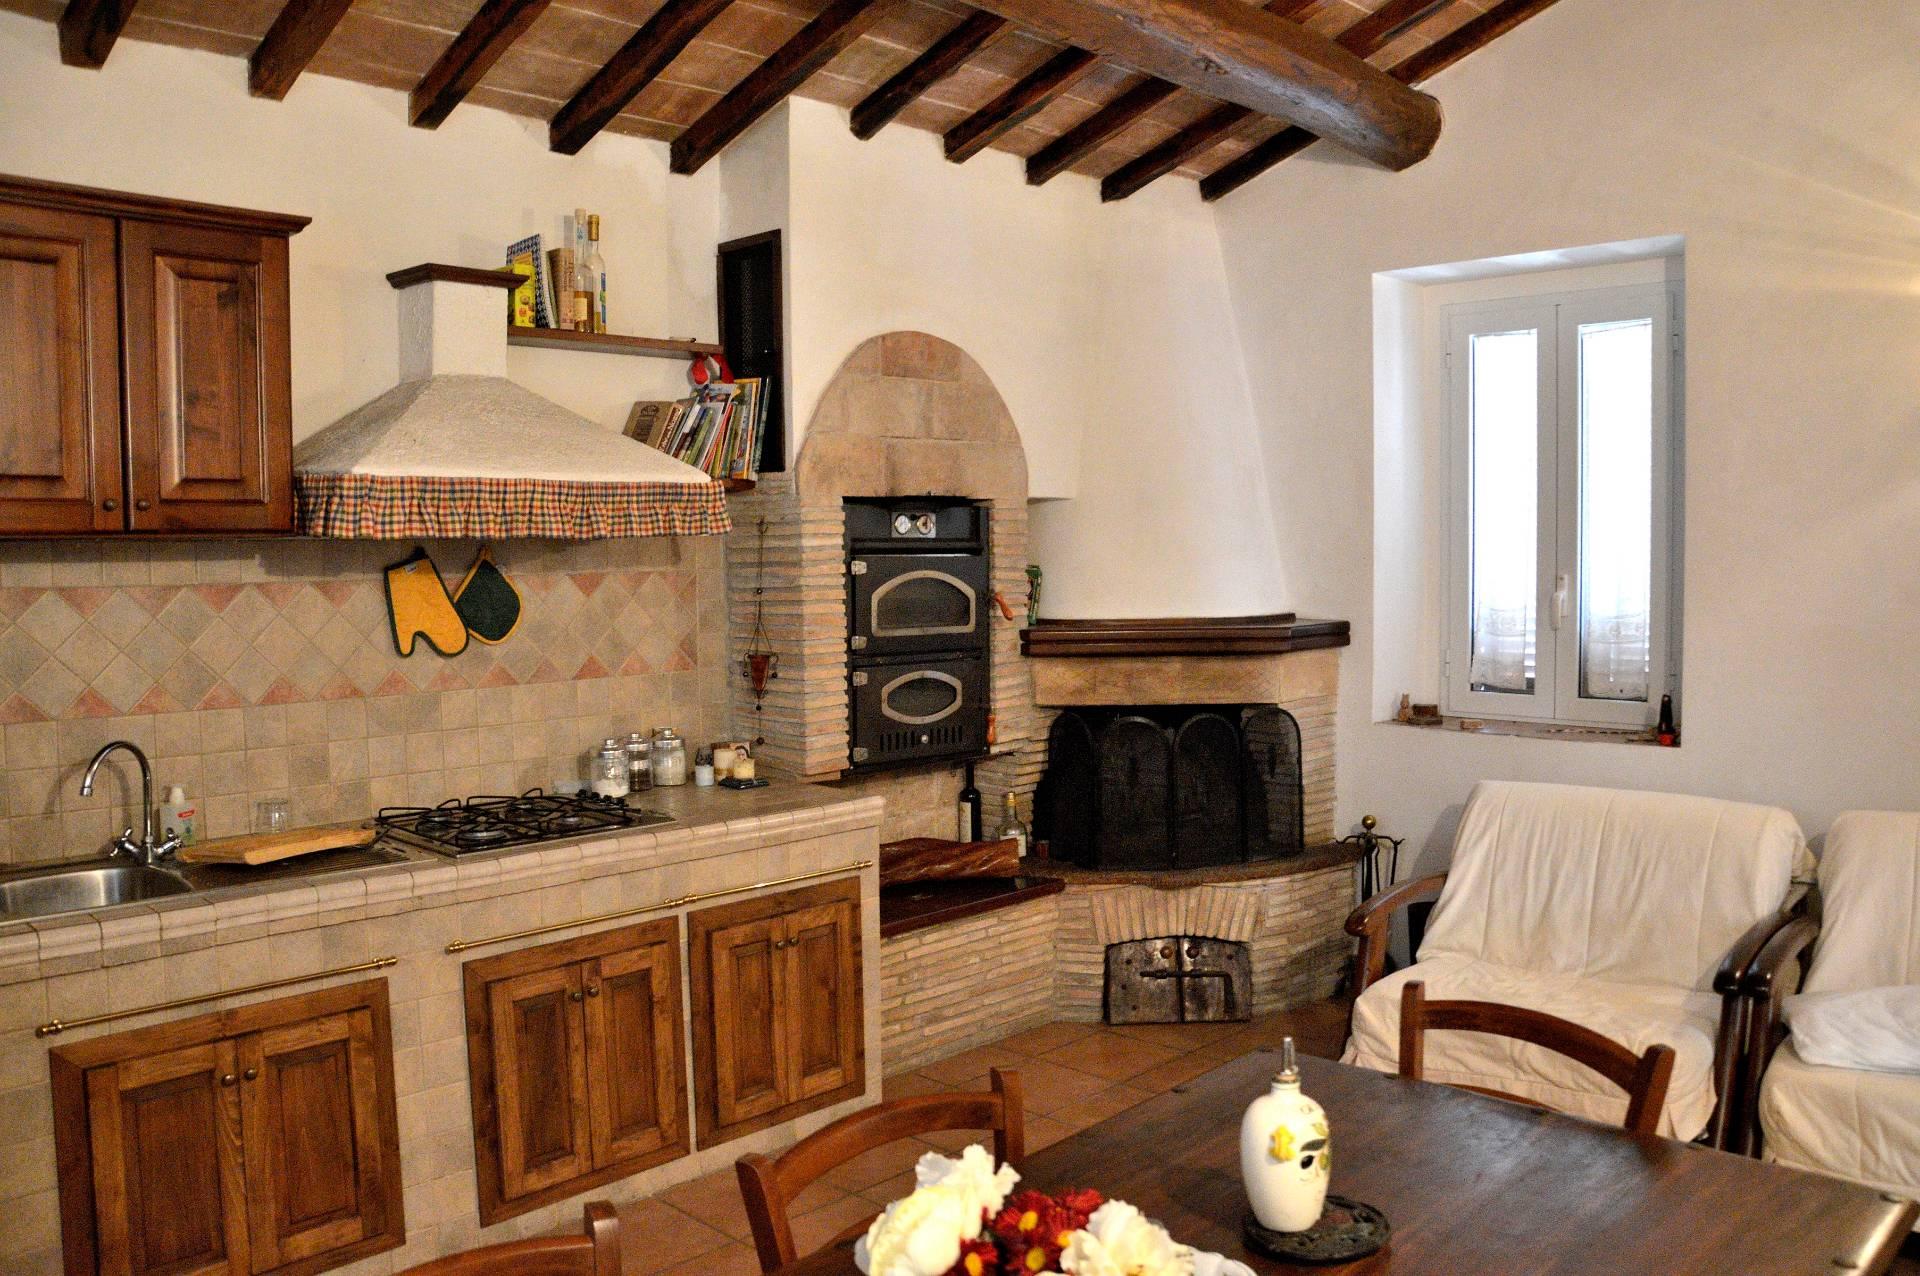 Rustico / Casale in vendita a Ferentillo, 3 locali, zona Zona: Terria, prezzo € 40.000 | CambioCasa.it